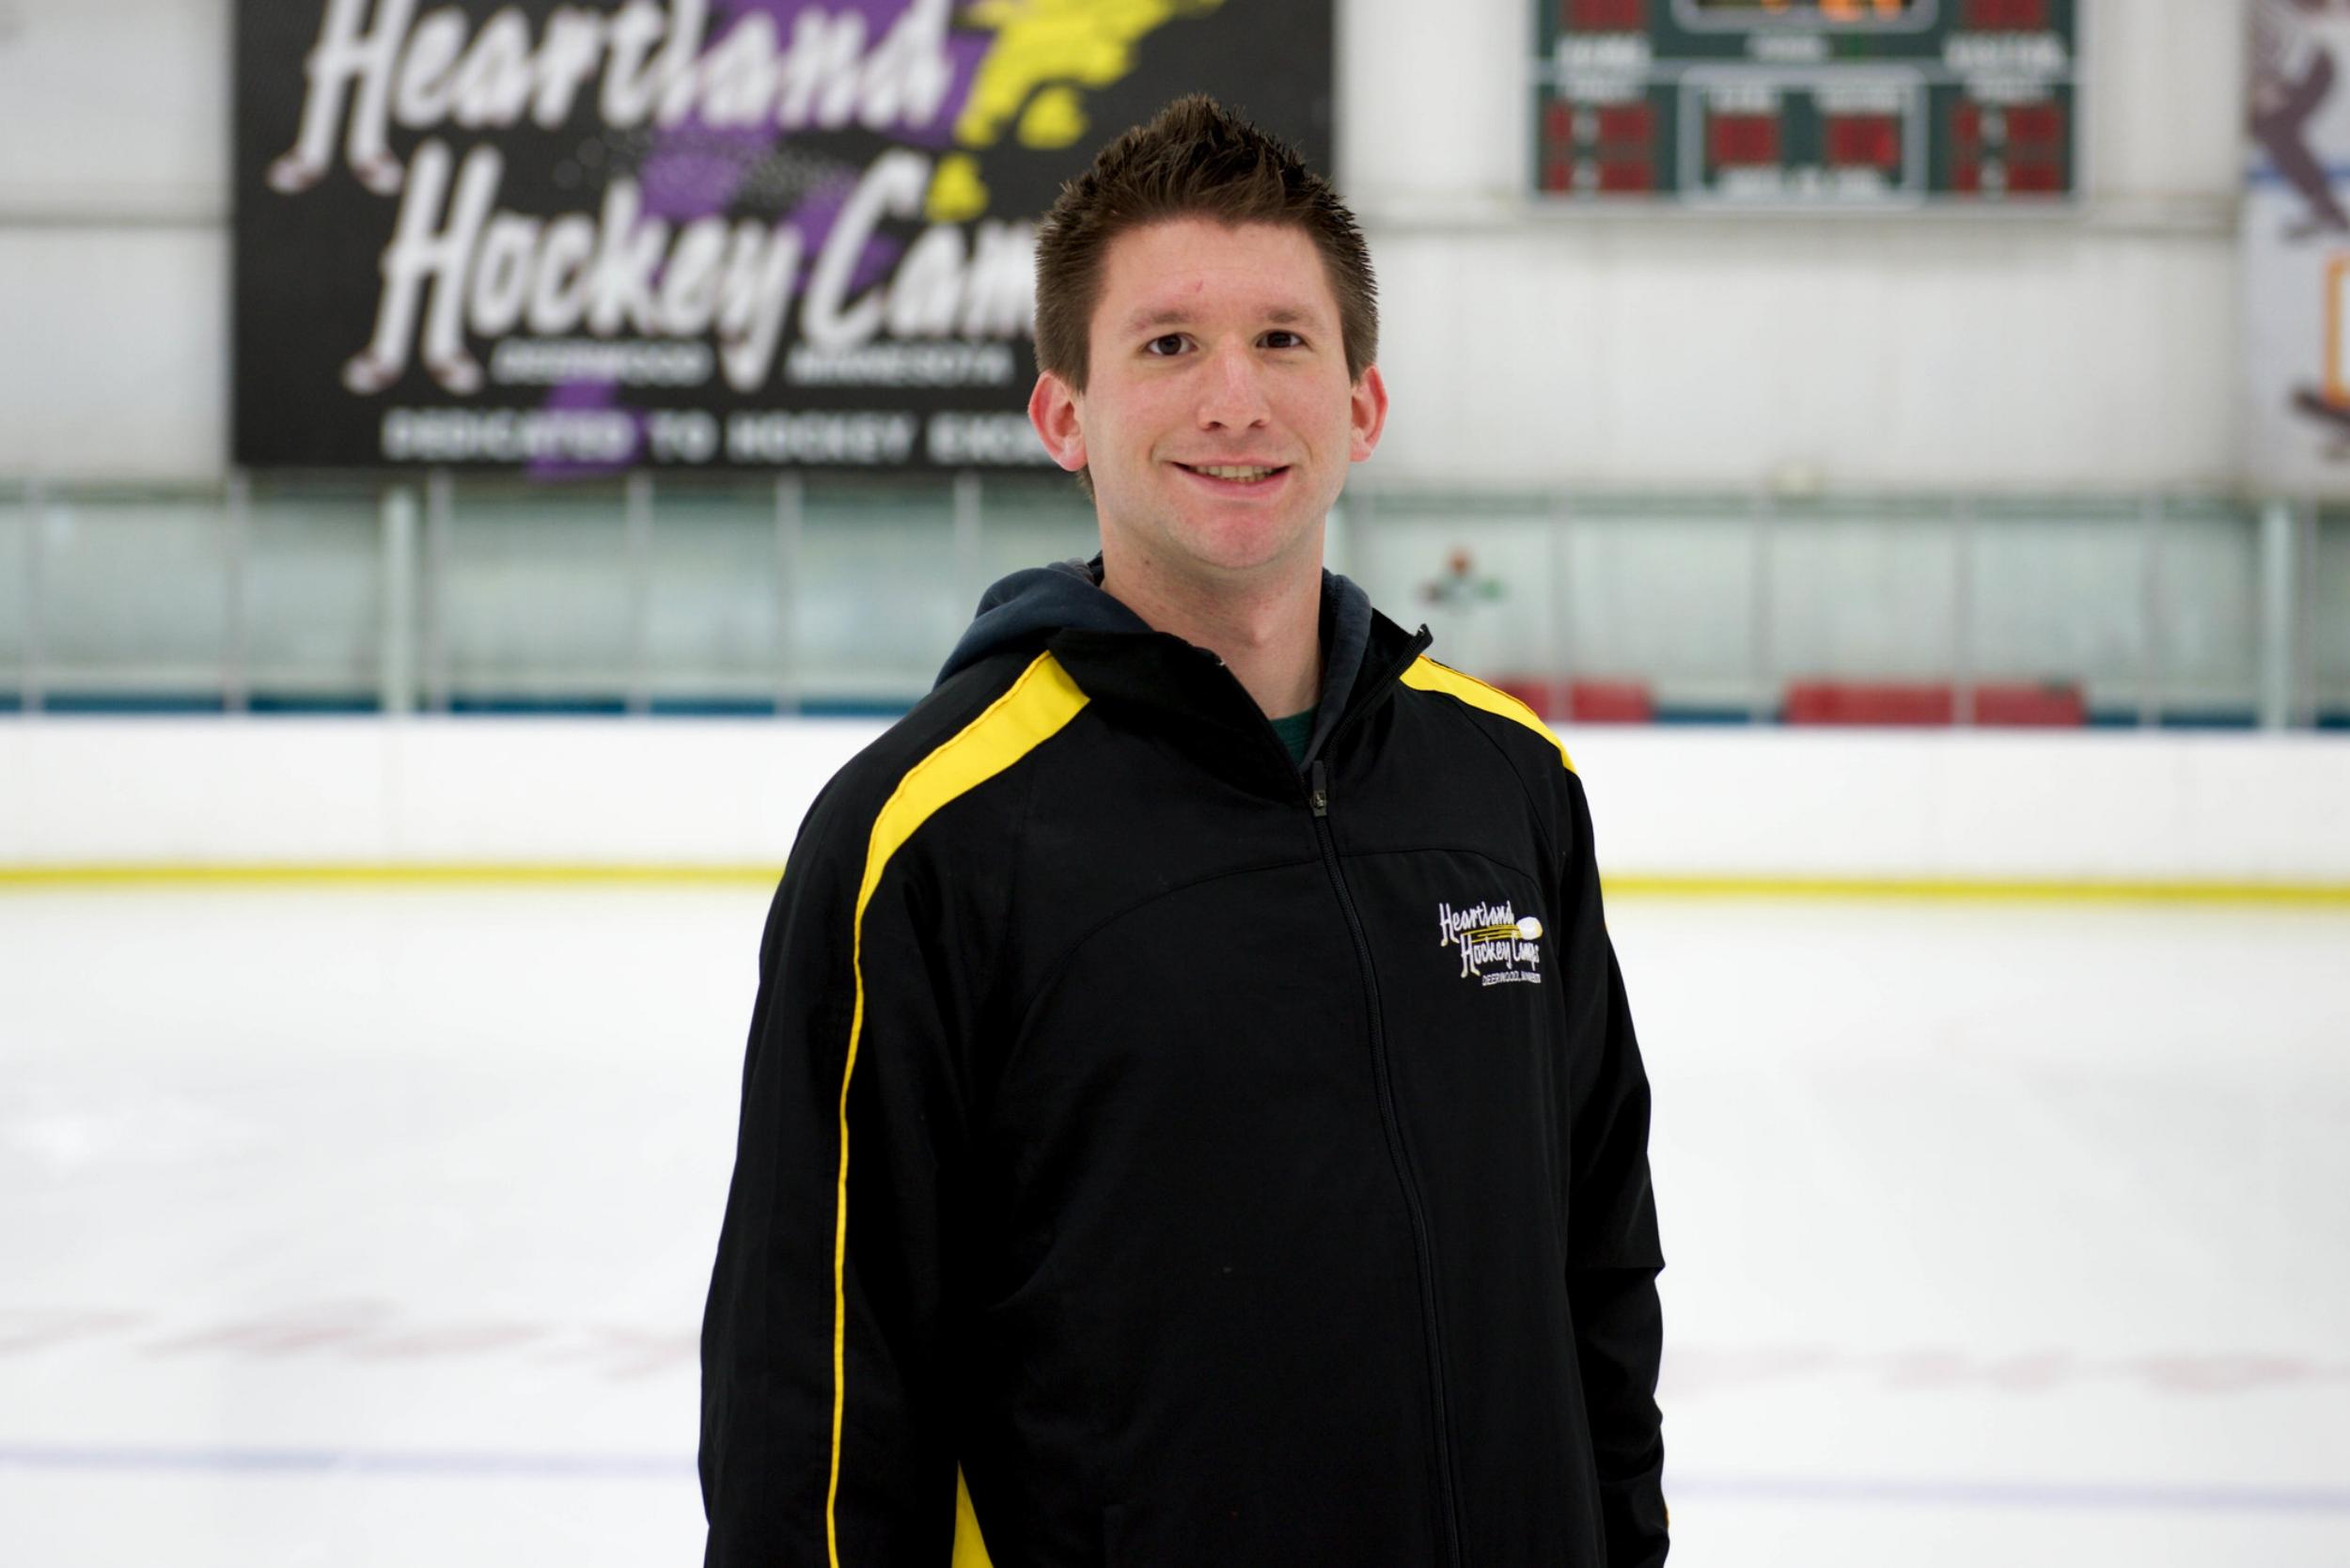 Matt Zubiel Head Coach/EMT